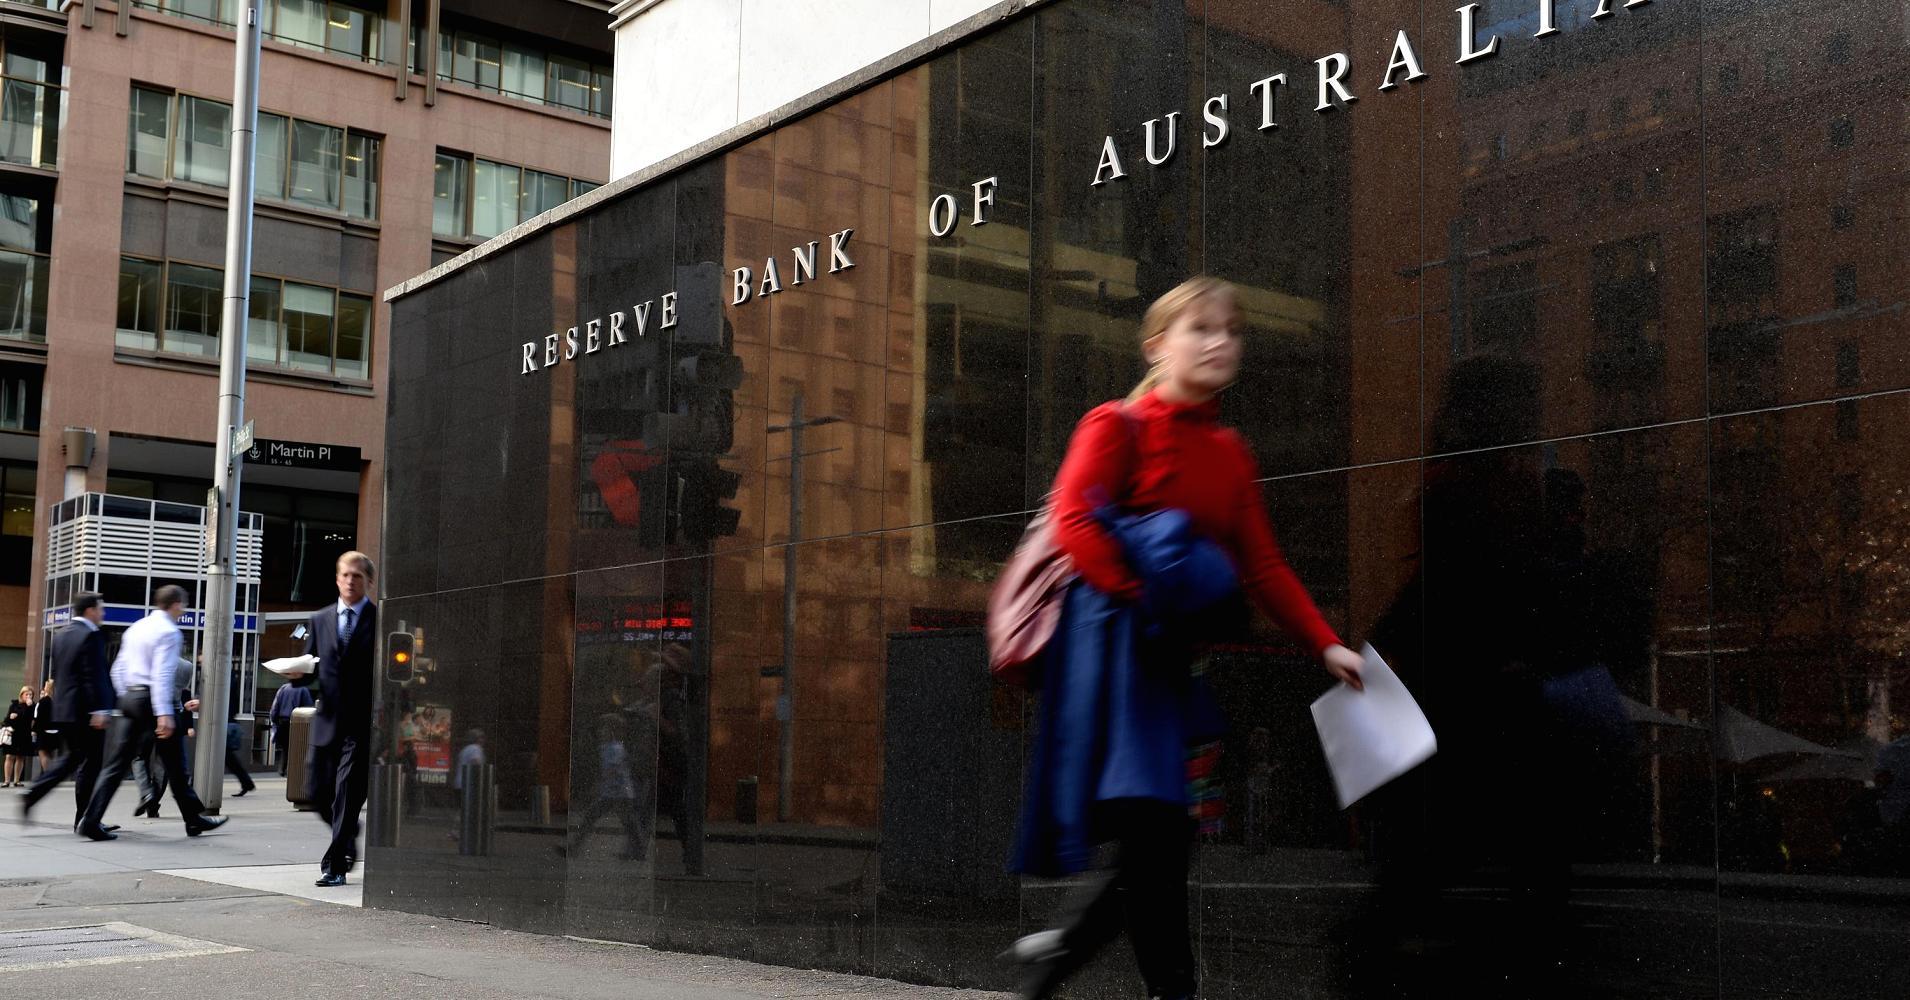 Ngân hàng Dự trữ Australia đã hạ lãi suất xuống mức thấp lịch sử là 1,75%.